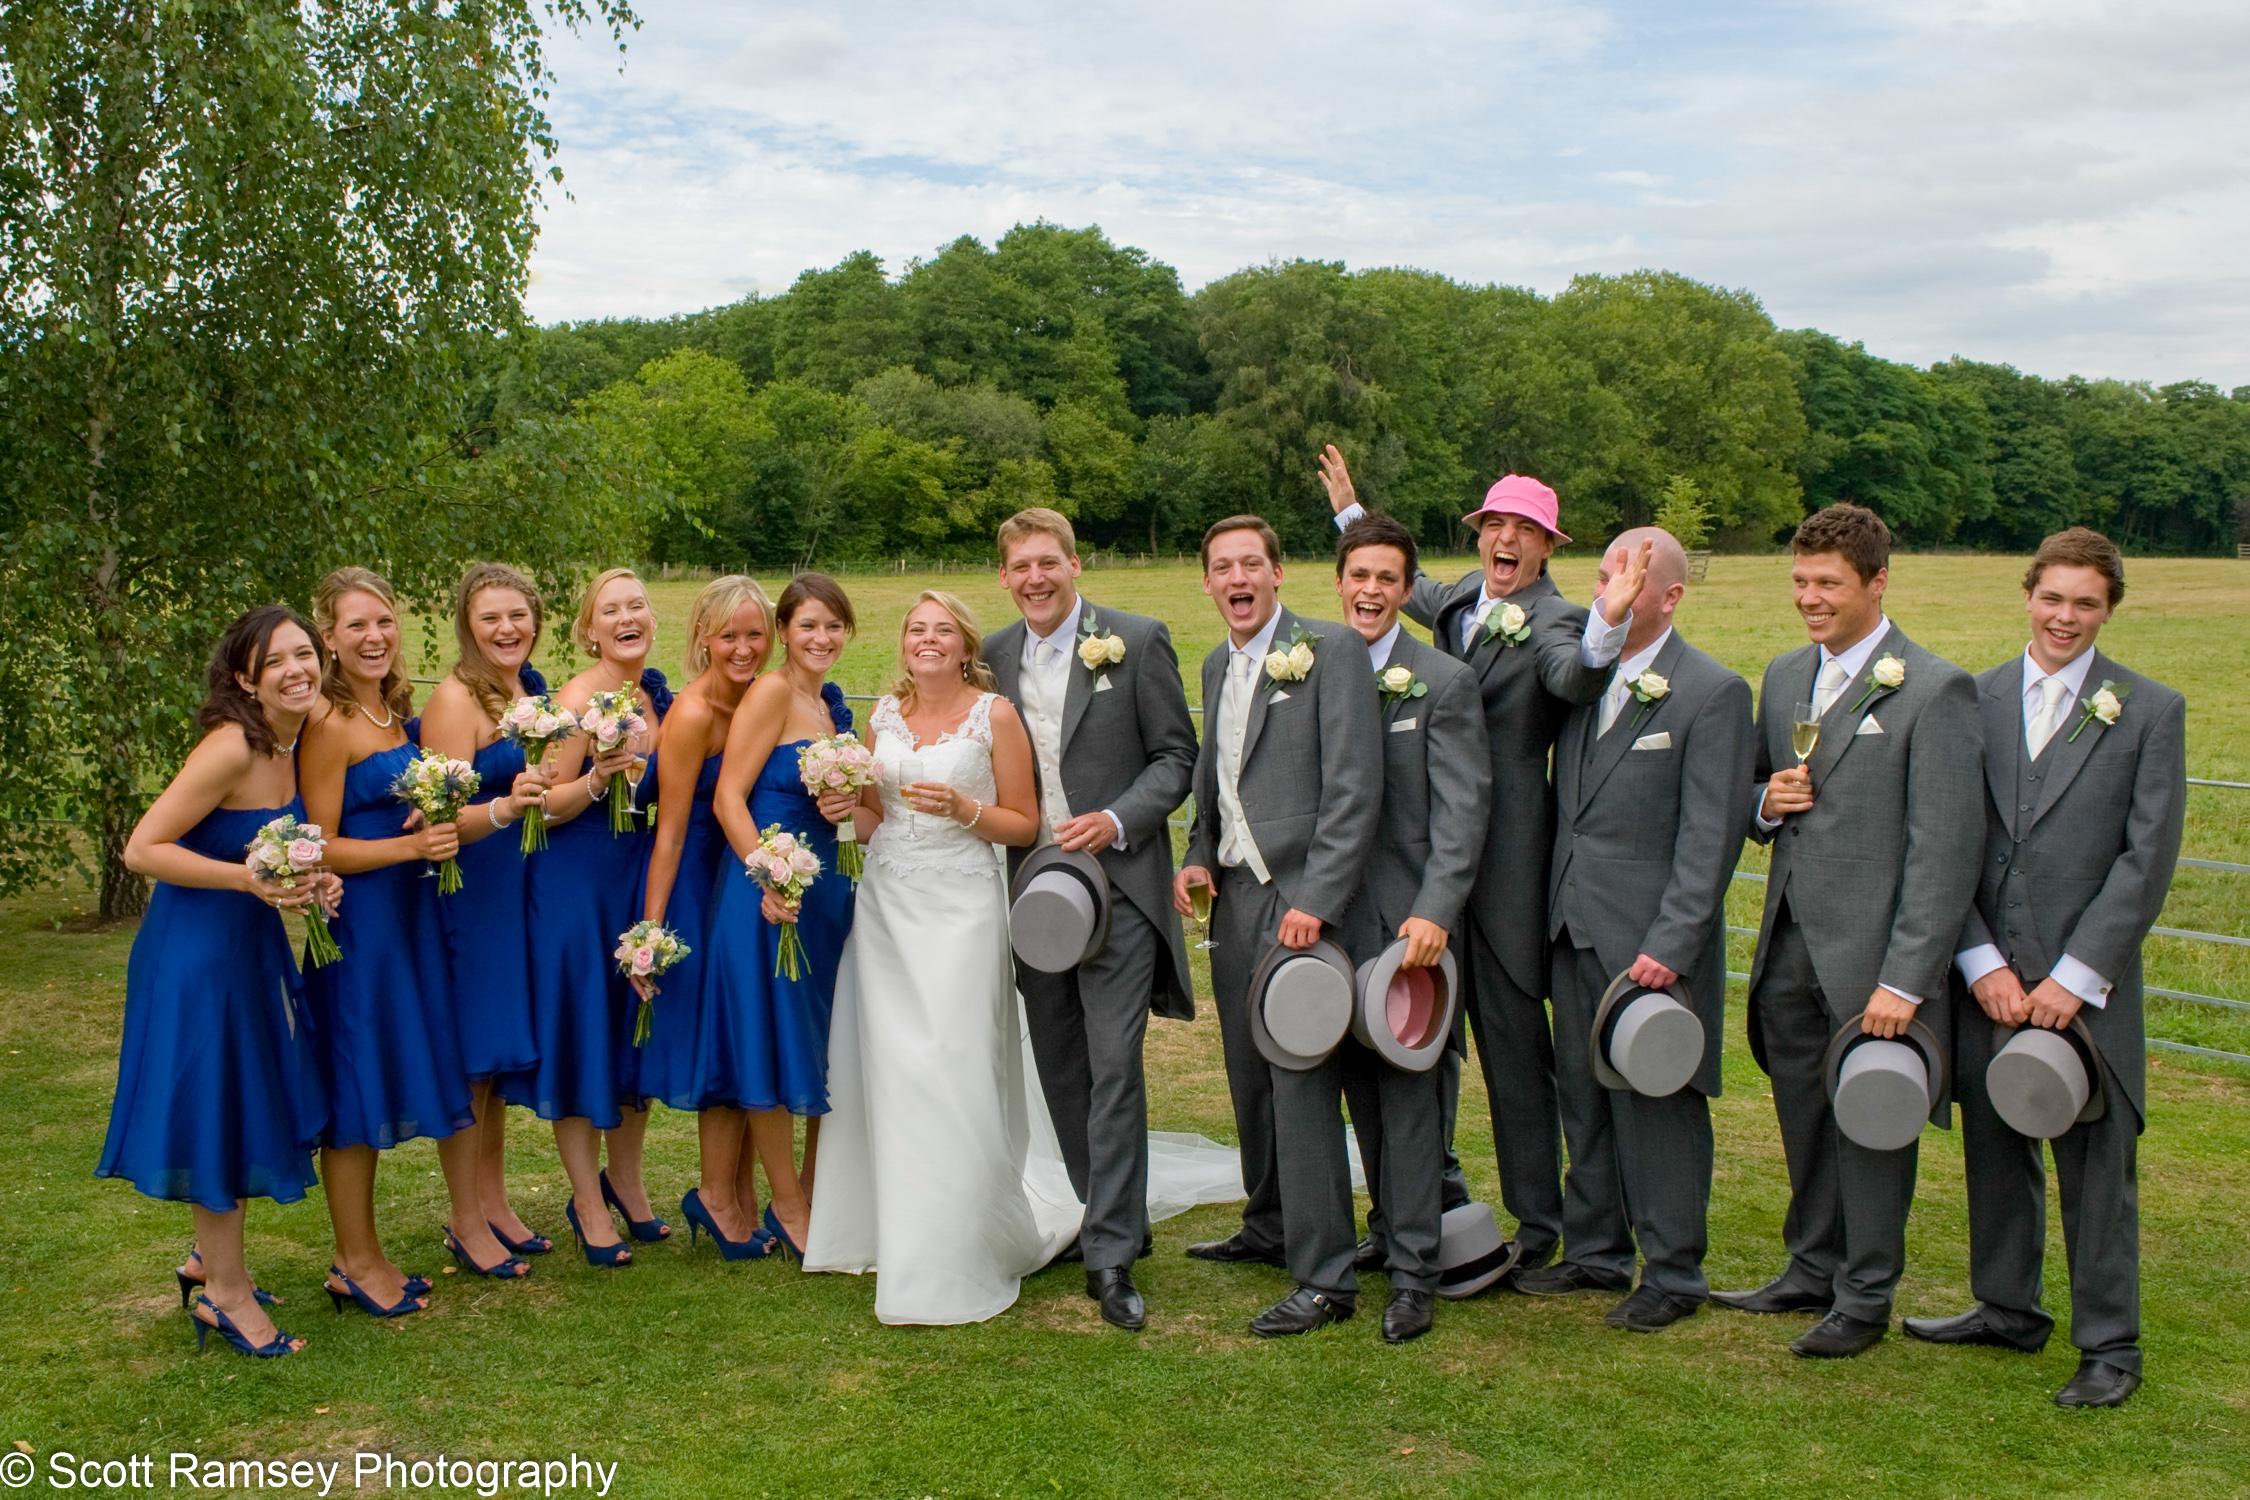 Gate Street Barn Fun Wedding Group